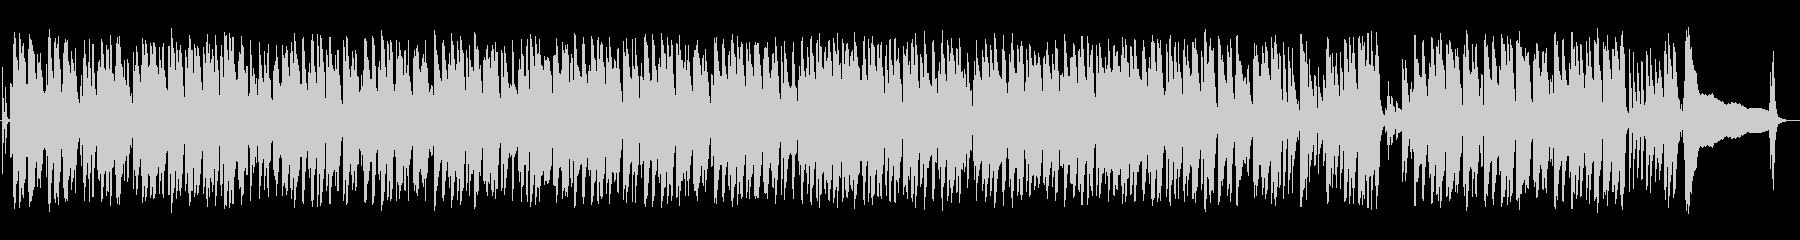 ウクレレの音が軽快なハワイアン音楽の未再生の波形